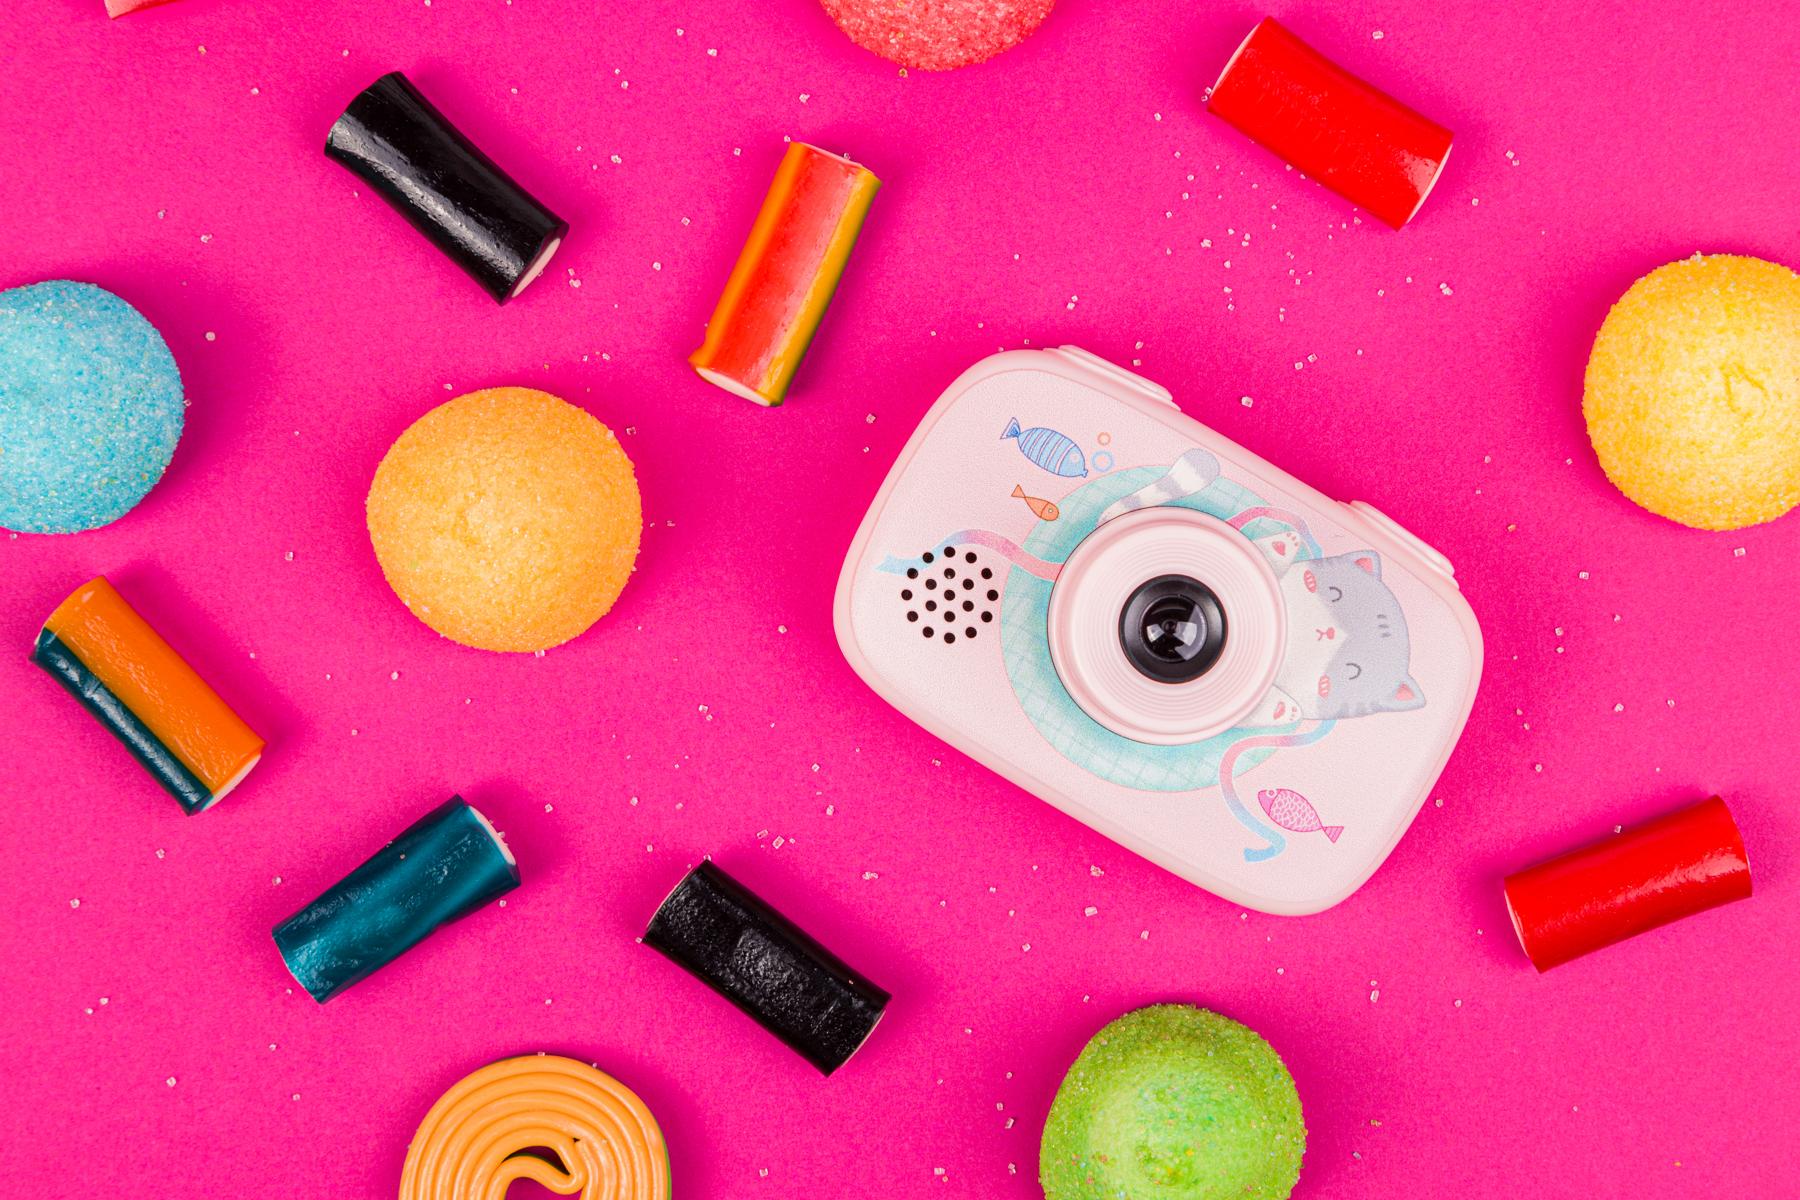 Kreatywna fotografia produktowa - ważna jest dobór kolorów i akcesoriów.